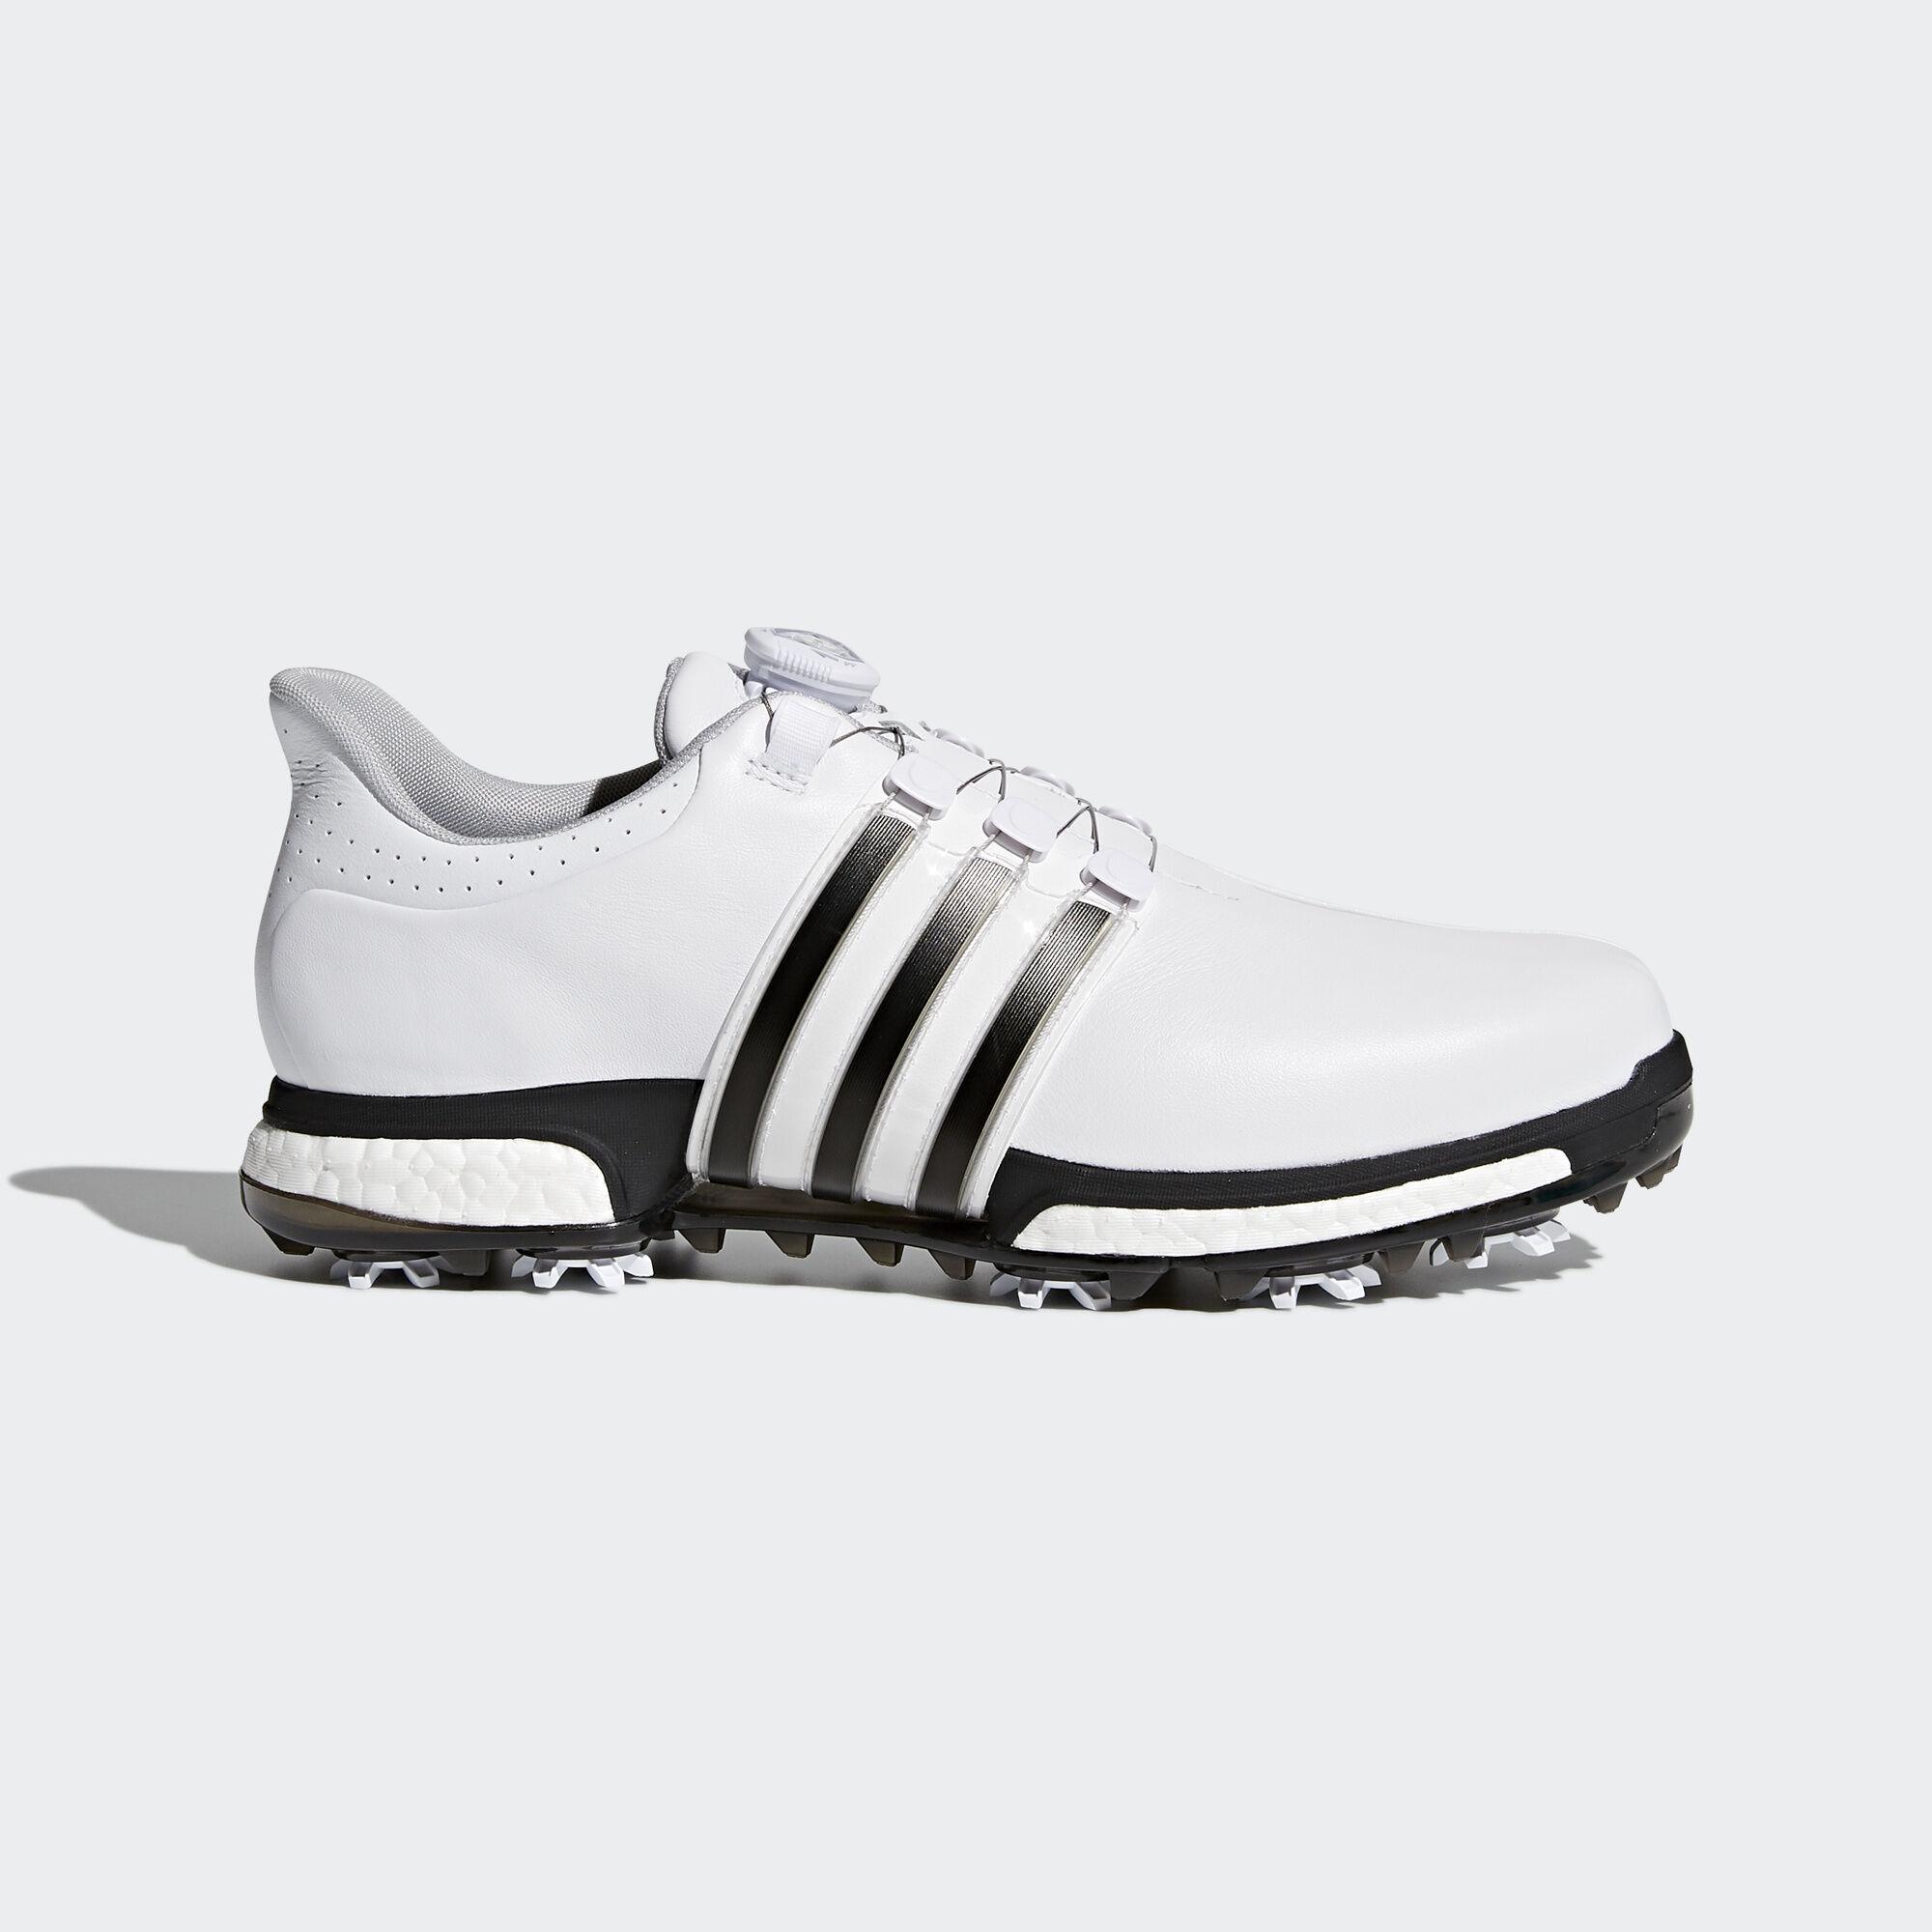 Adidas Boost 360